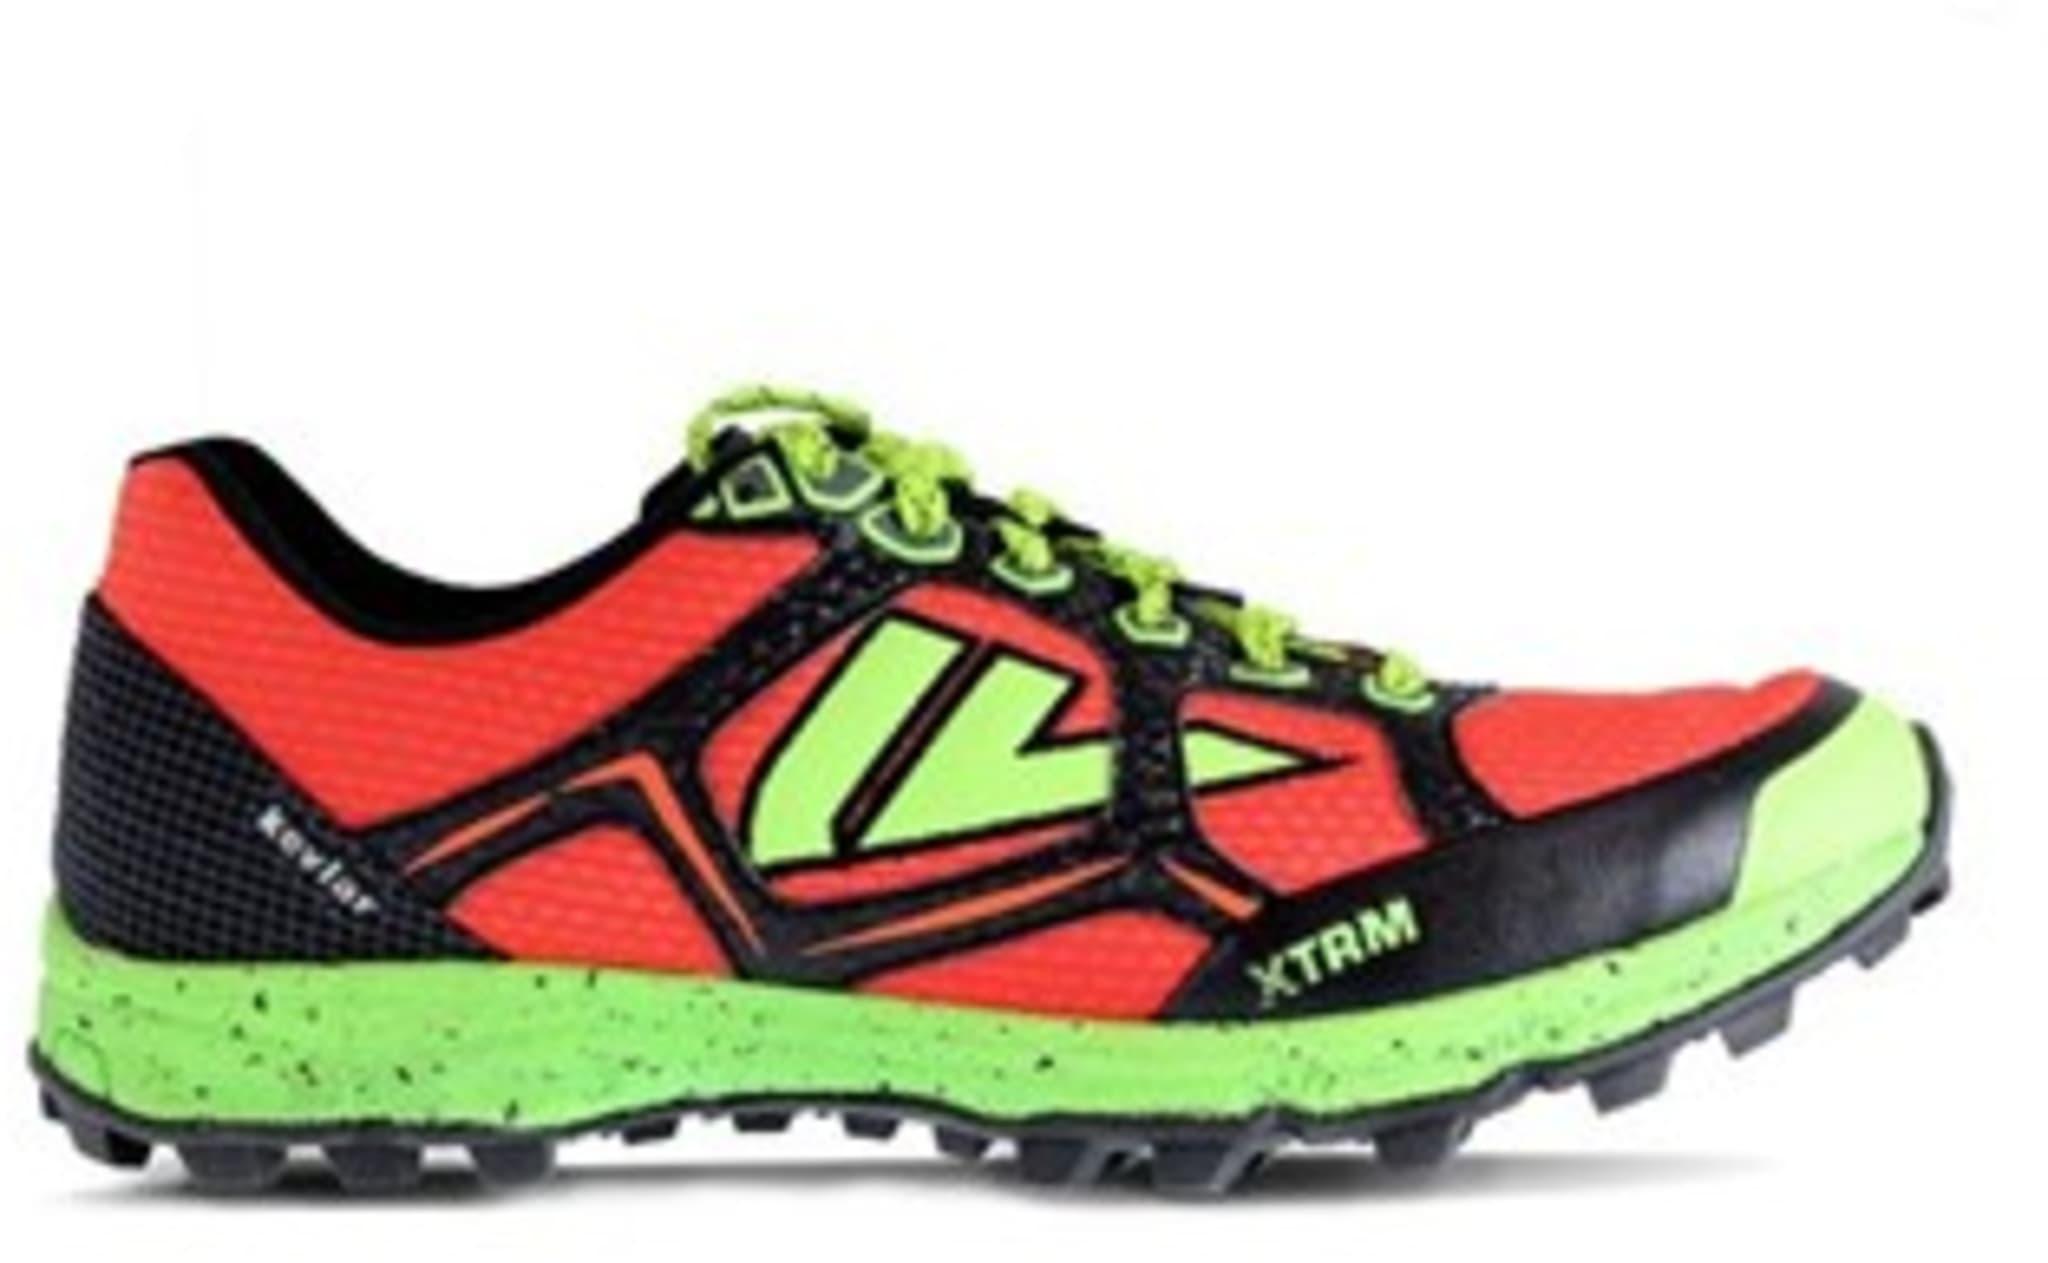 Xtrm er en terresko perfekt til lengre distanser i krevende terreng, også om du skal løpe litt på sti og vei.